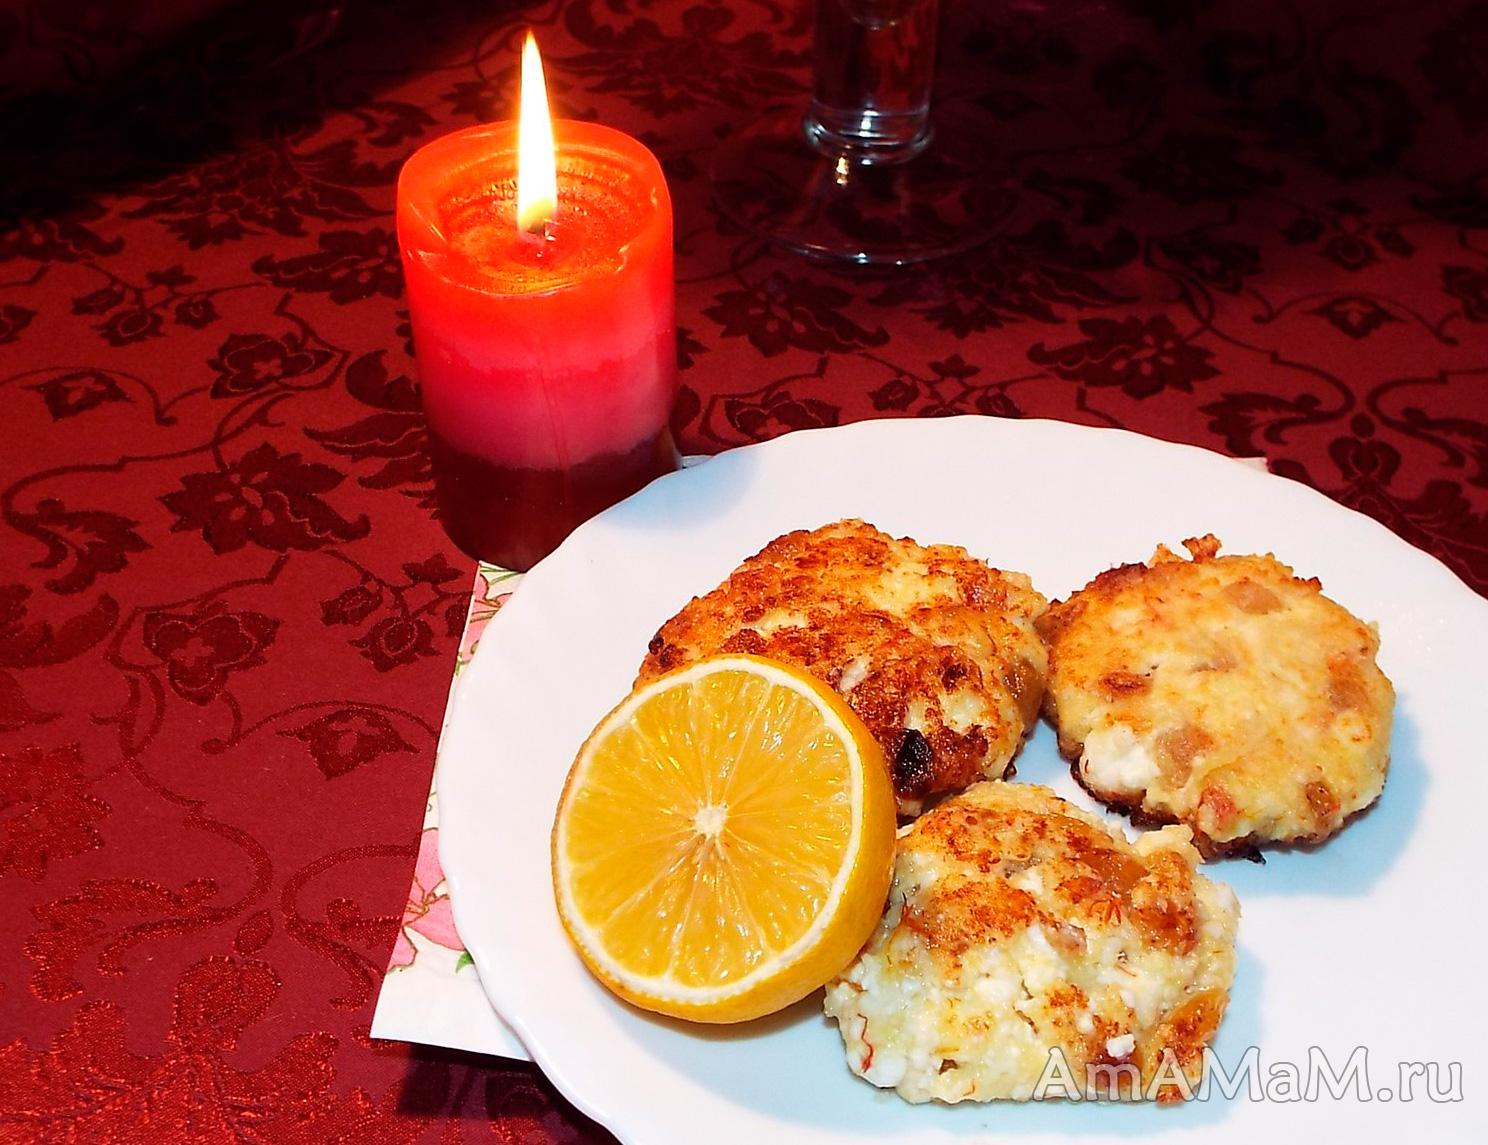 Бабушкин рецепт пирога с яблоками